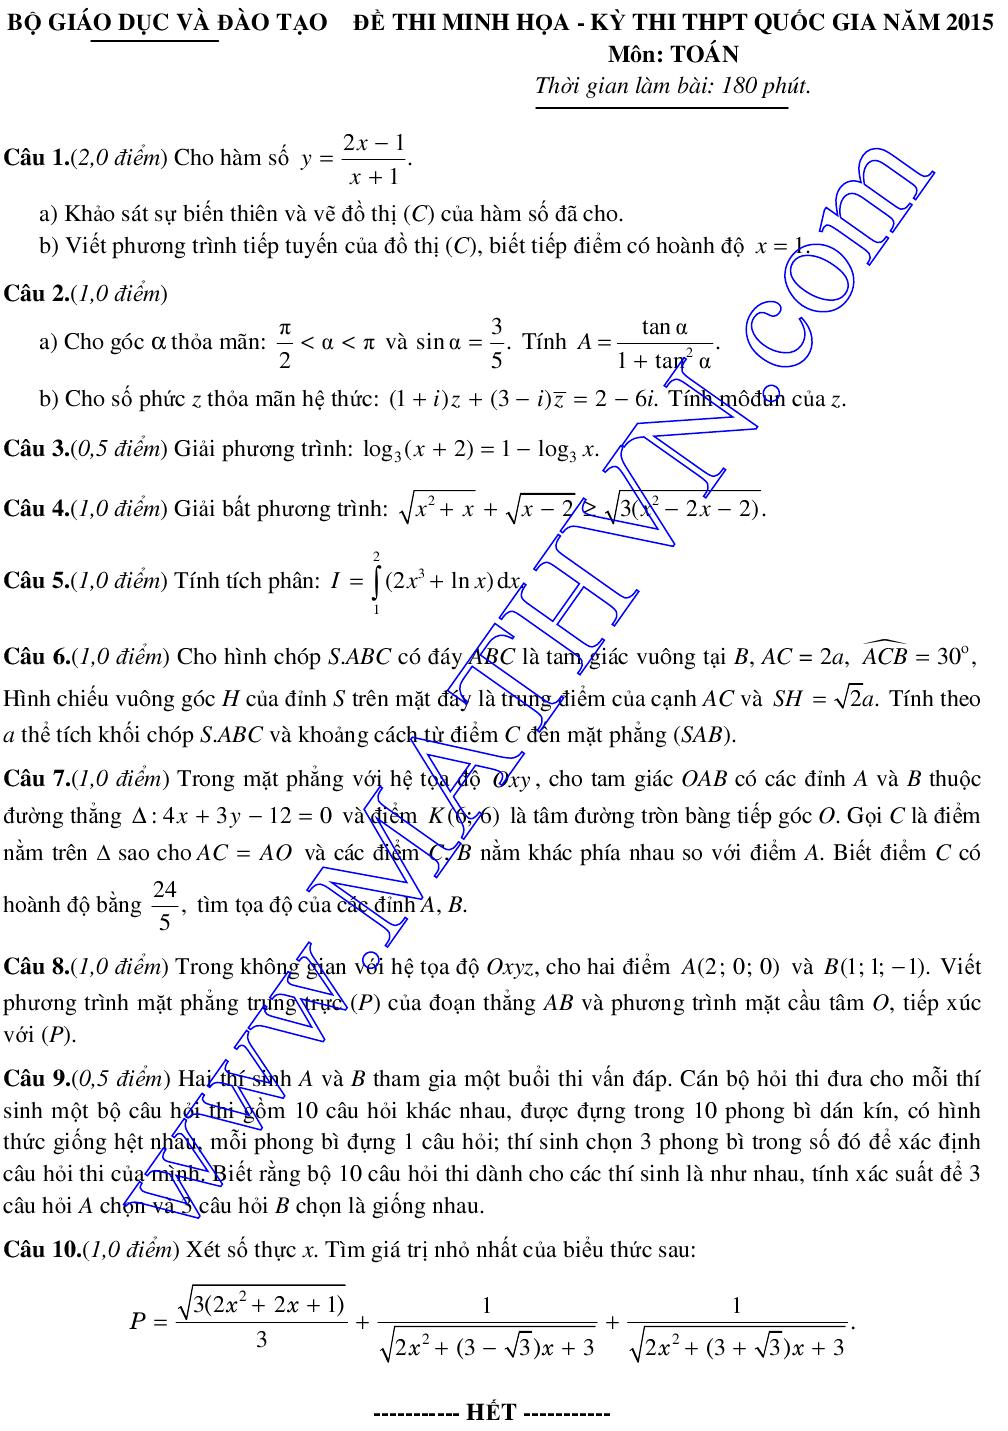 đề thi mẫu môn toán thpt quốc gia 2015 của bộ